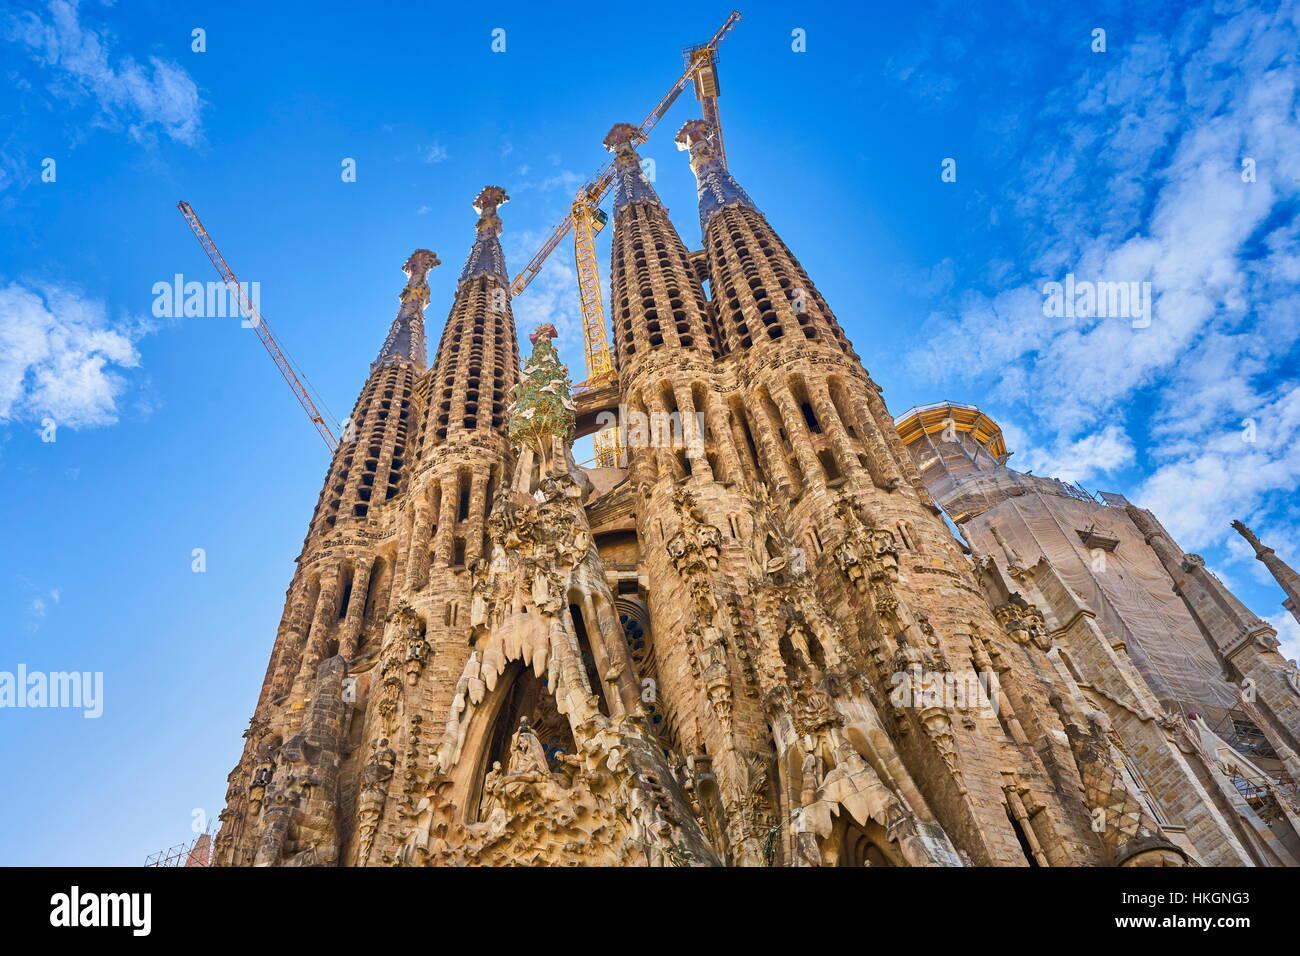 Catedral de la Sagrada Familia diseñado por Antoni Gaudí, Barcelona, Cataluña, España Imagen De Stock